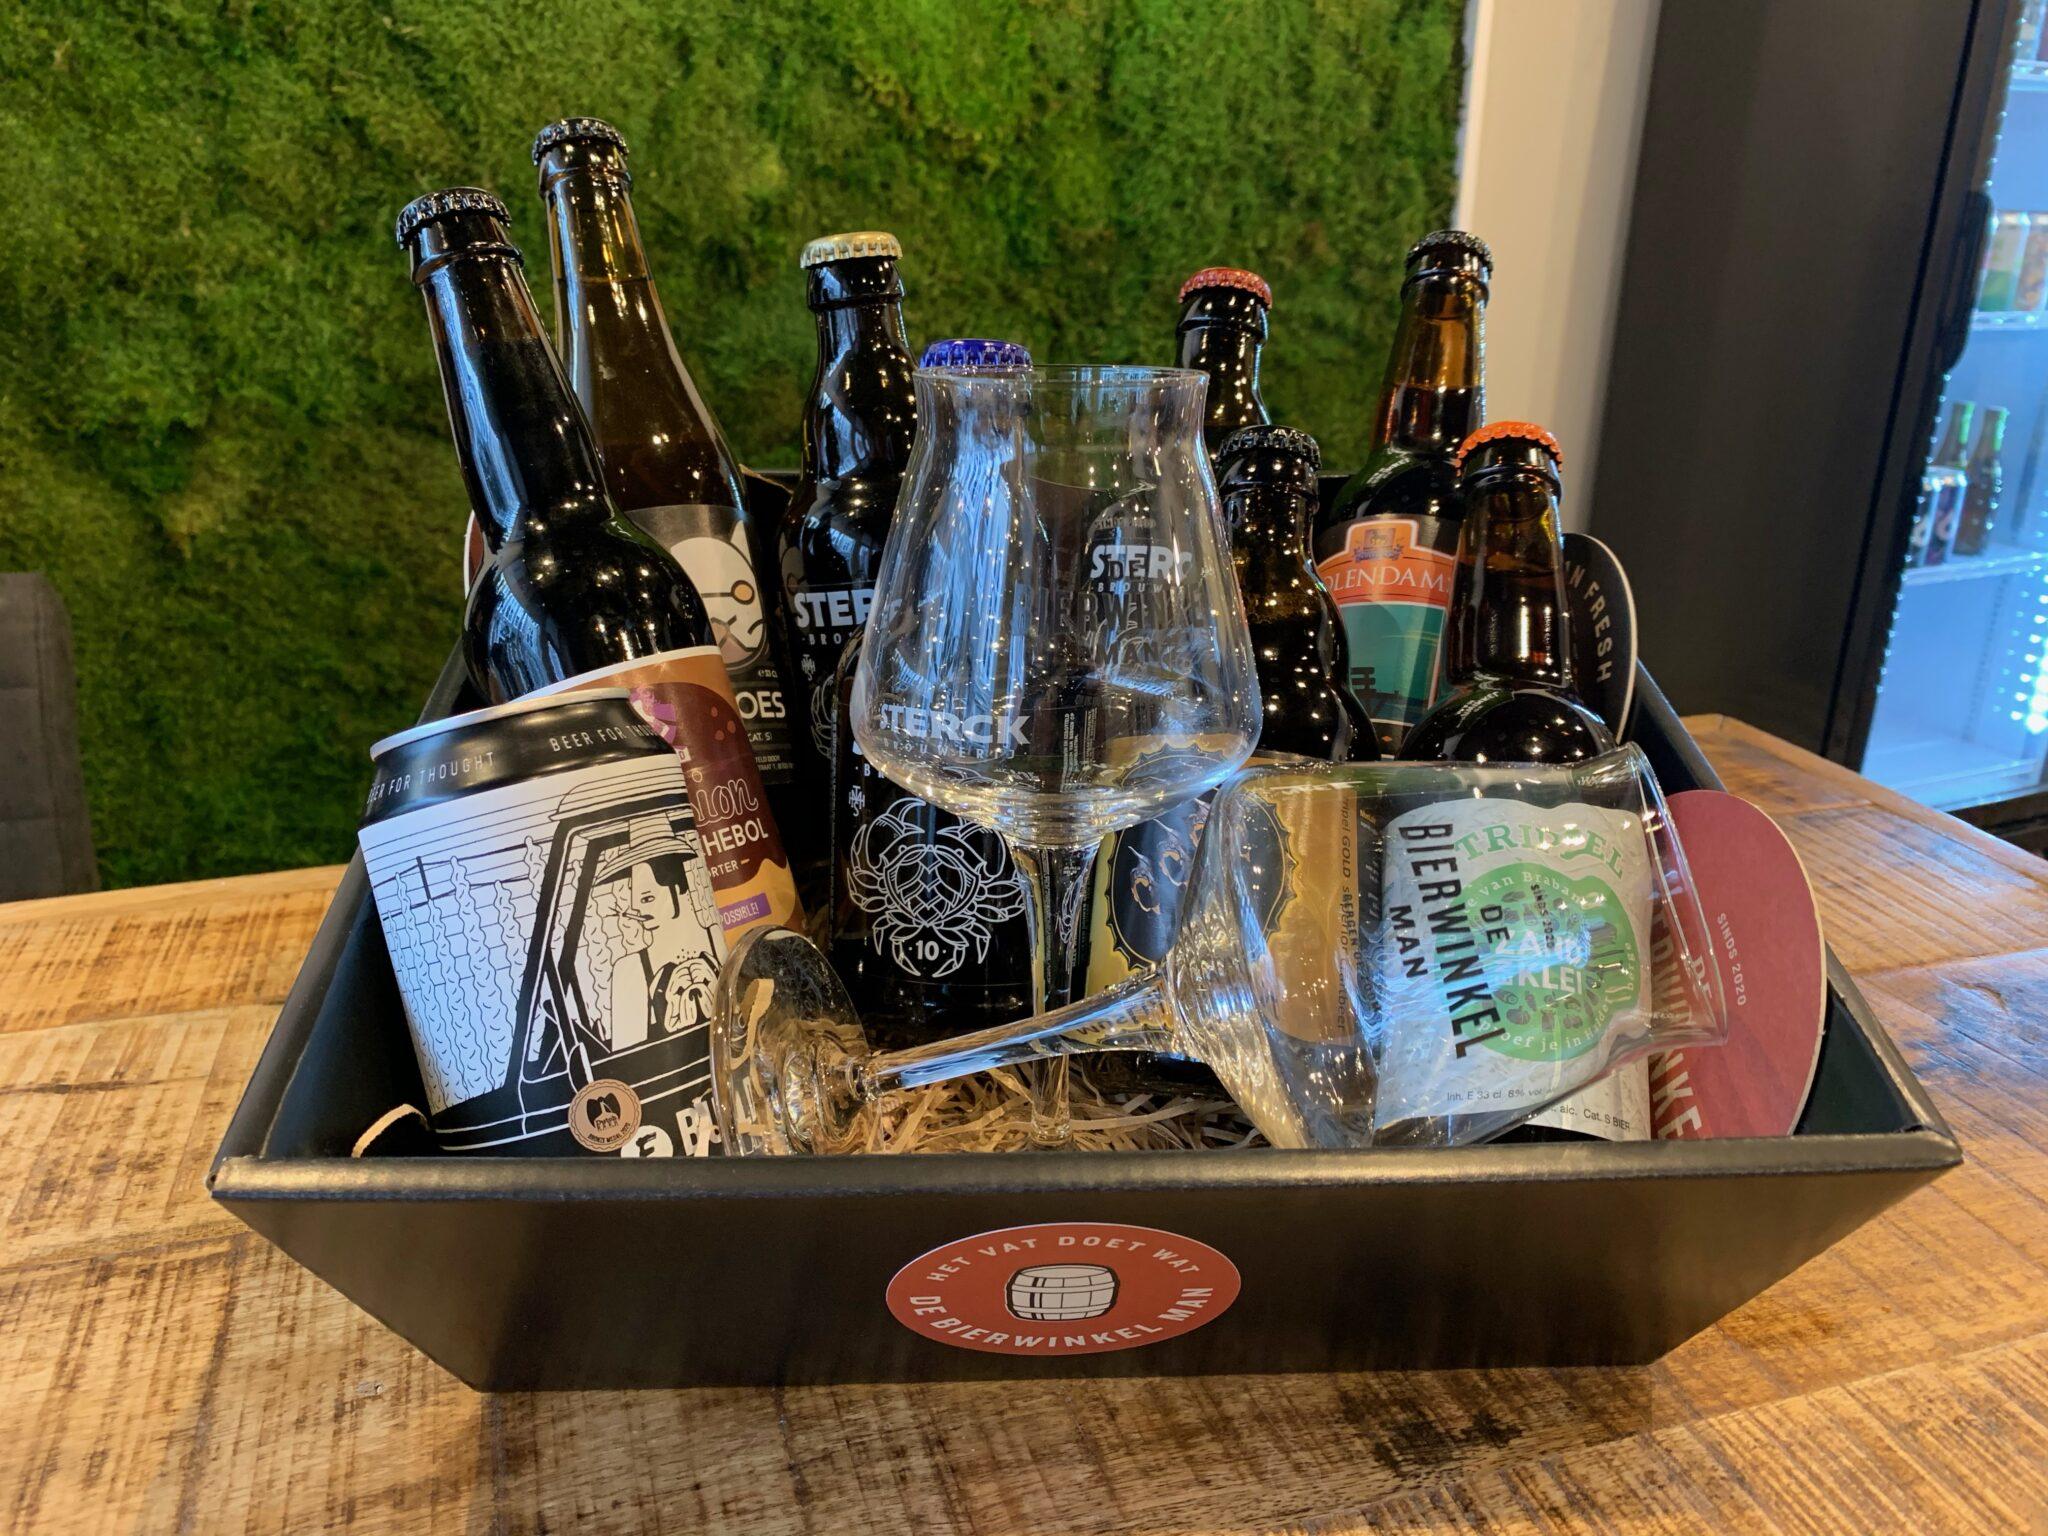 de bierwinkel man bergen op zoom winnen winactie speciaalbier bier bieren drank alcohol